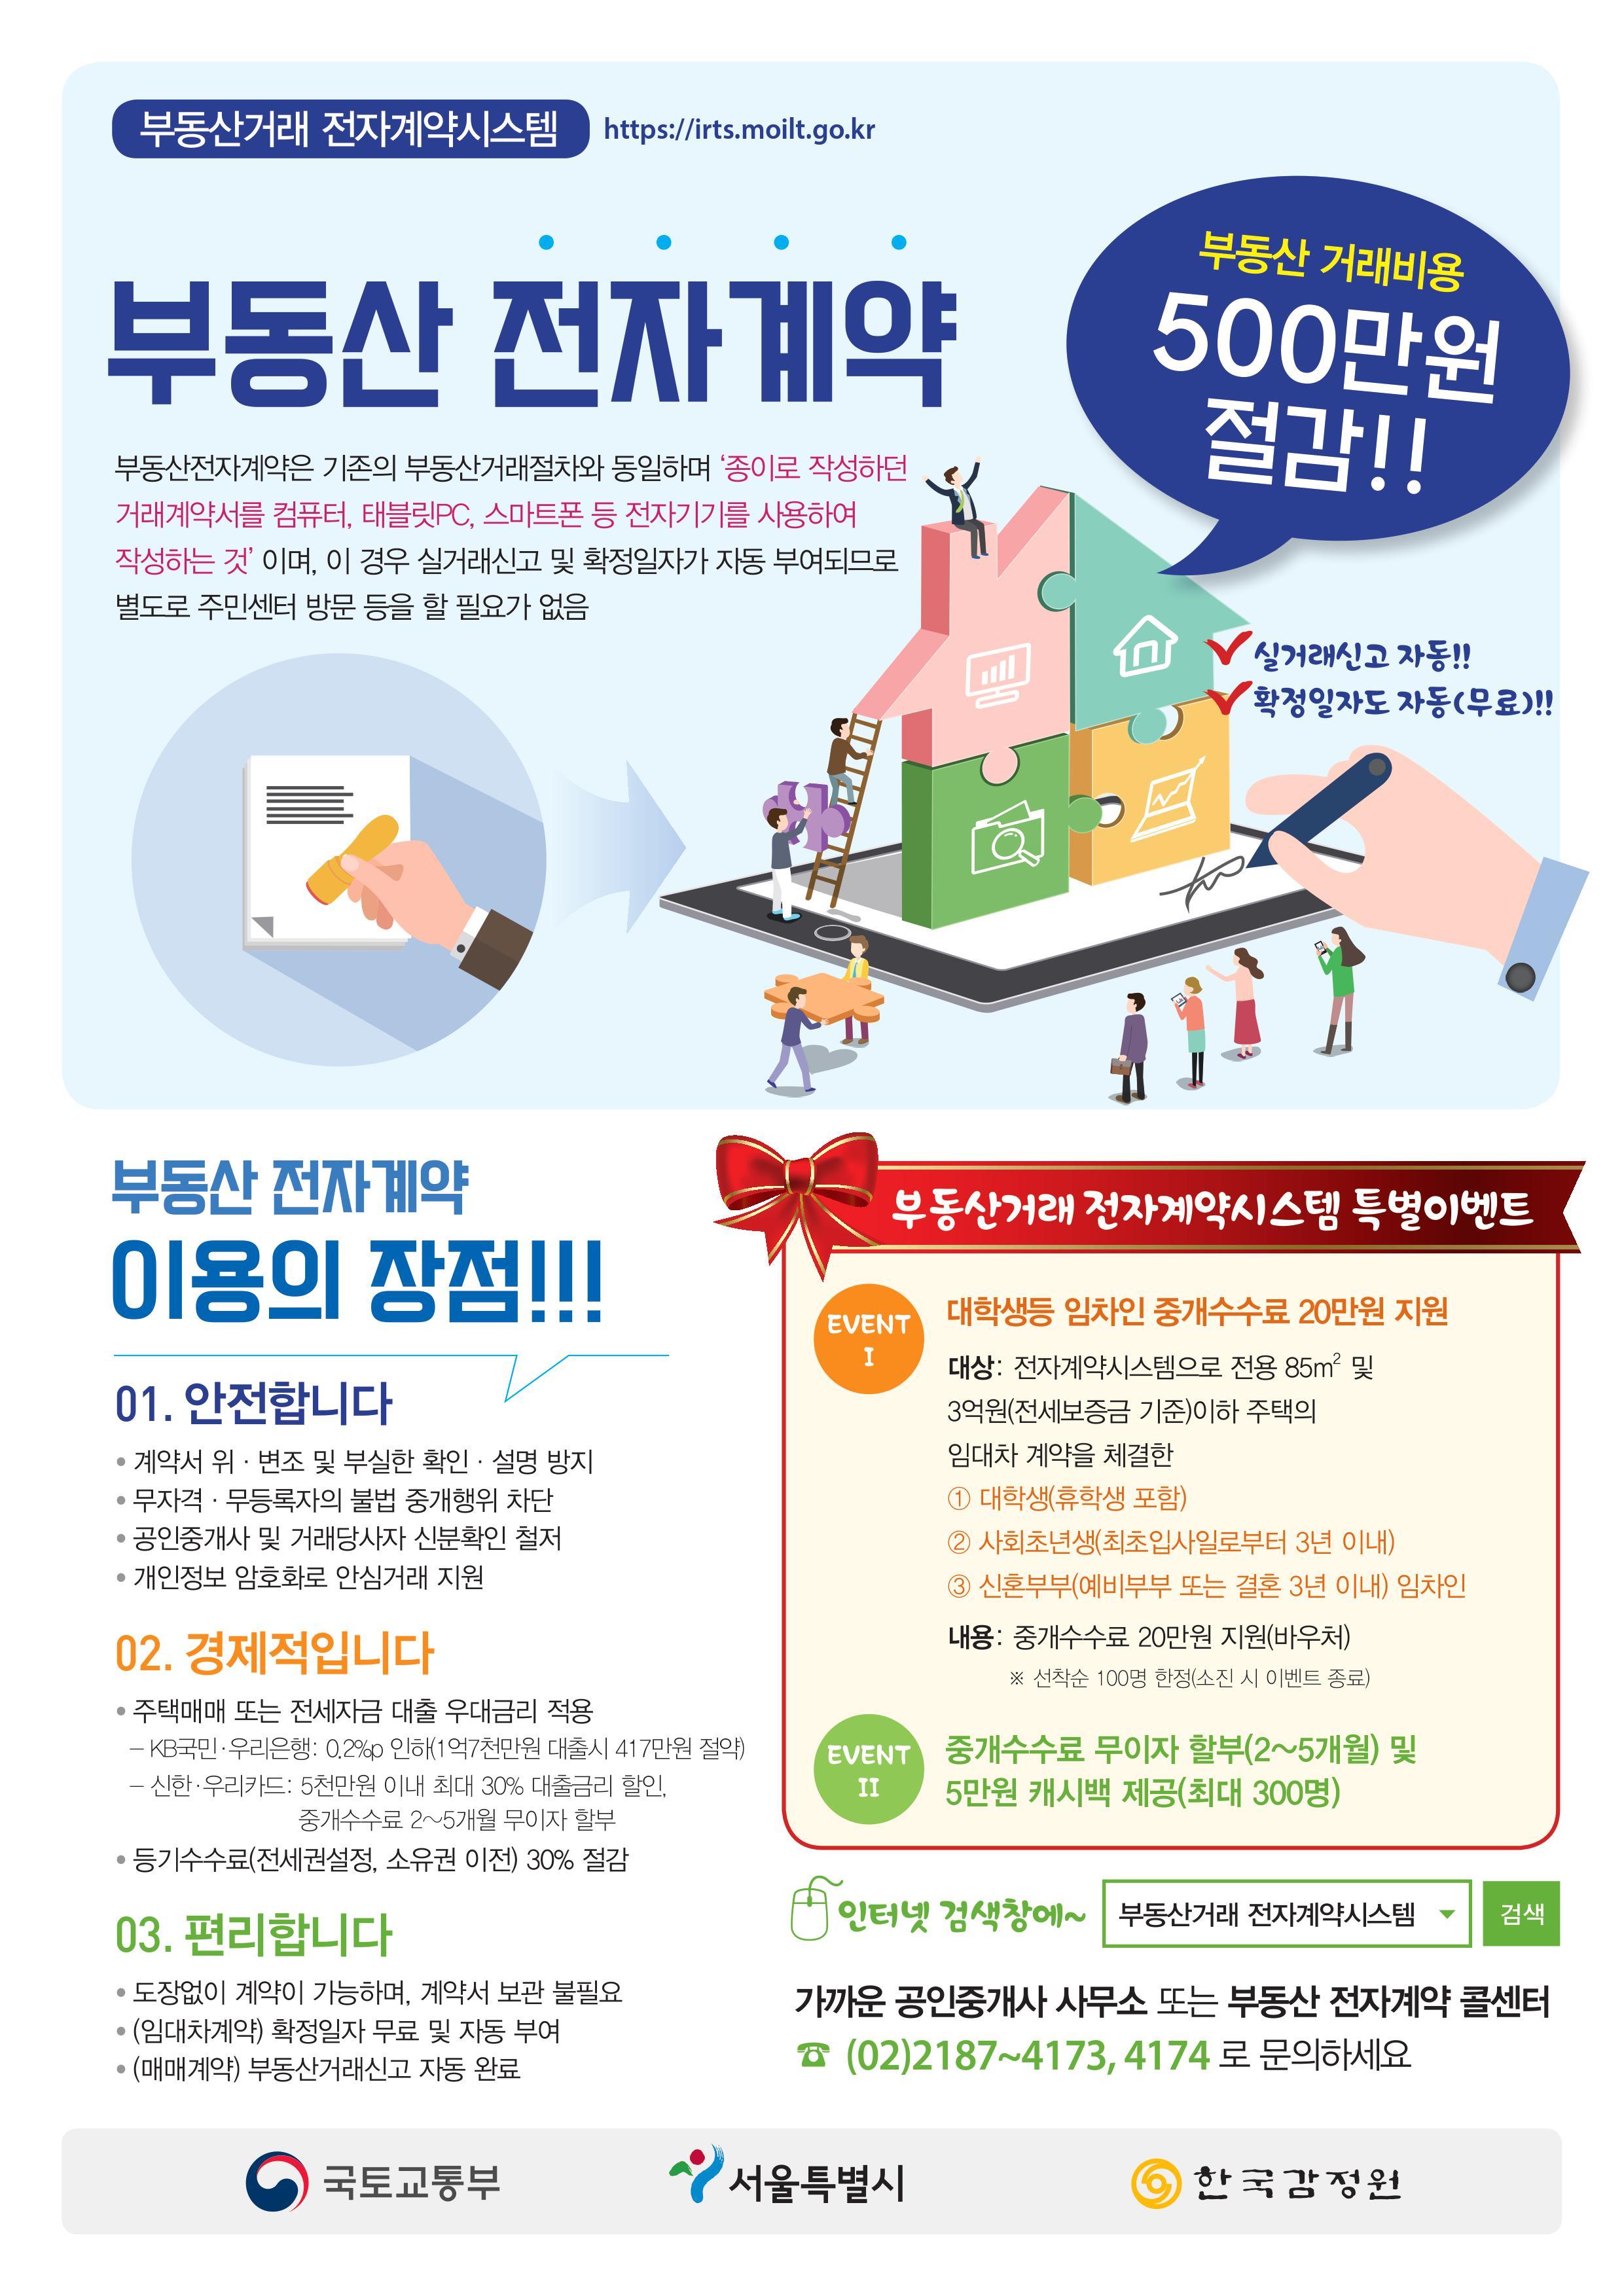 건국대학교 쿵_부동산 전자계약 홍보(전단)자료.jpg